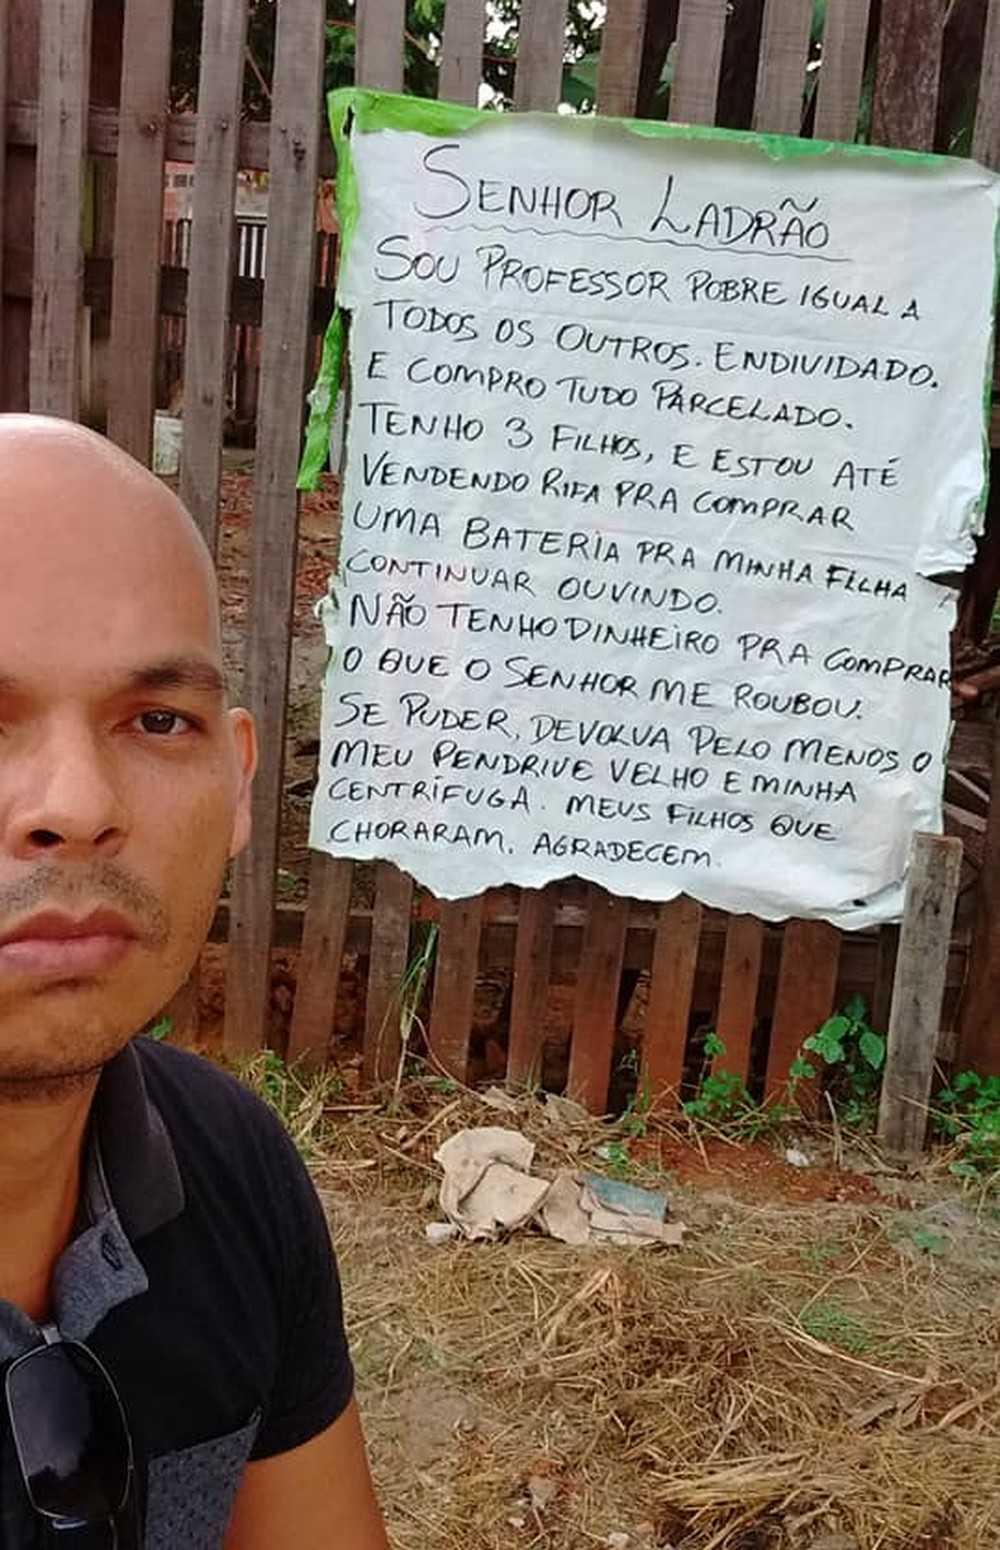 Após ter casa invadida, professor deixa recado para ladrão em cartaz -Imagem:  Marivaldo Silva/Arquivo pessoal